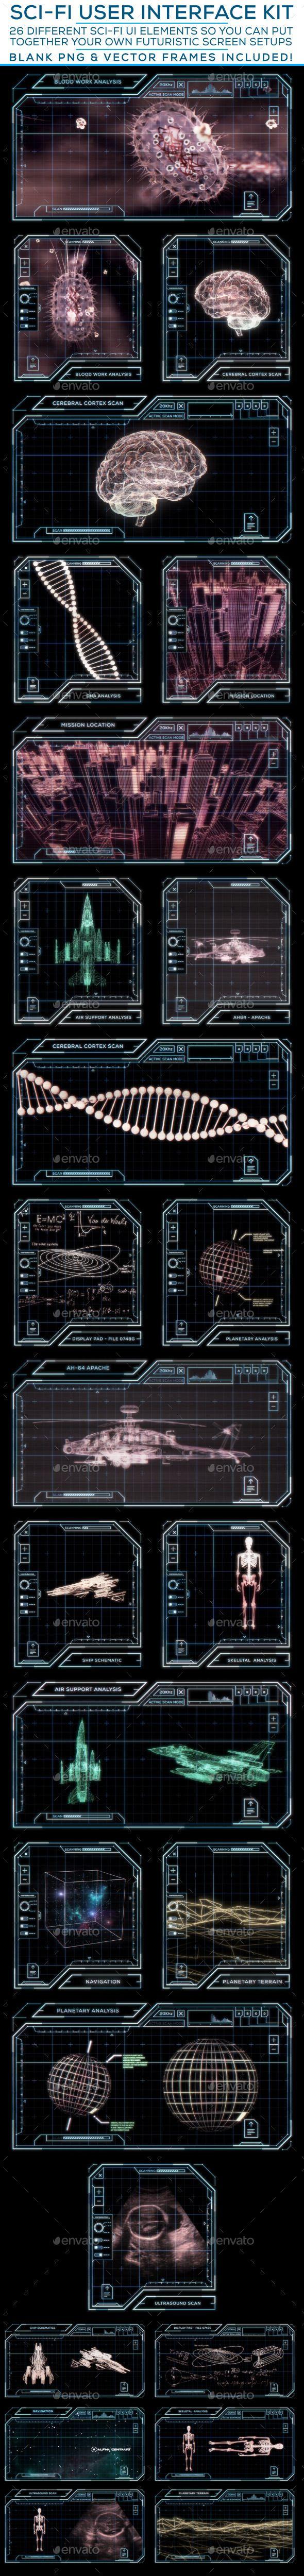 Sci-Fi User Interface Kit